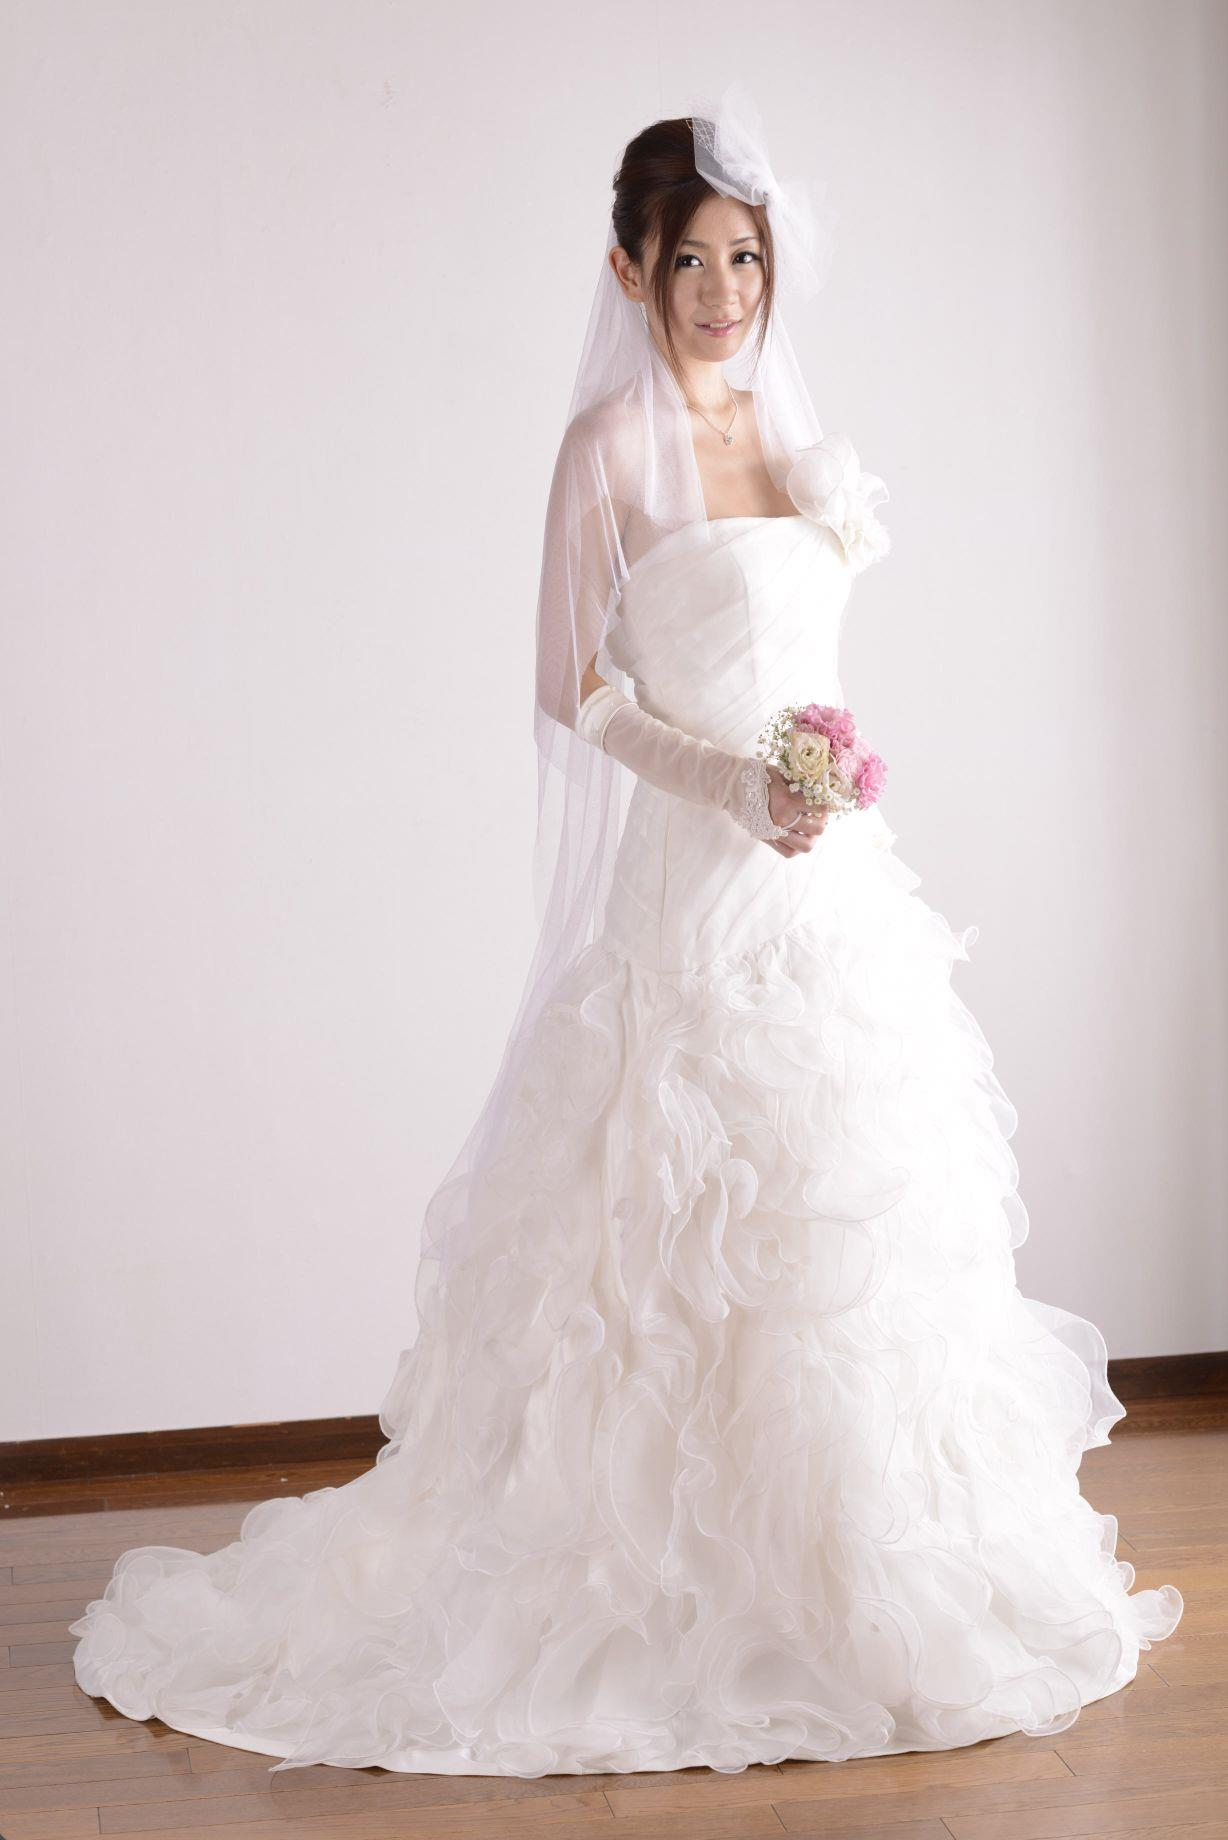 前田かおり ウェディングドレス画像 30